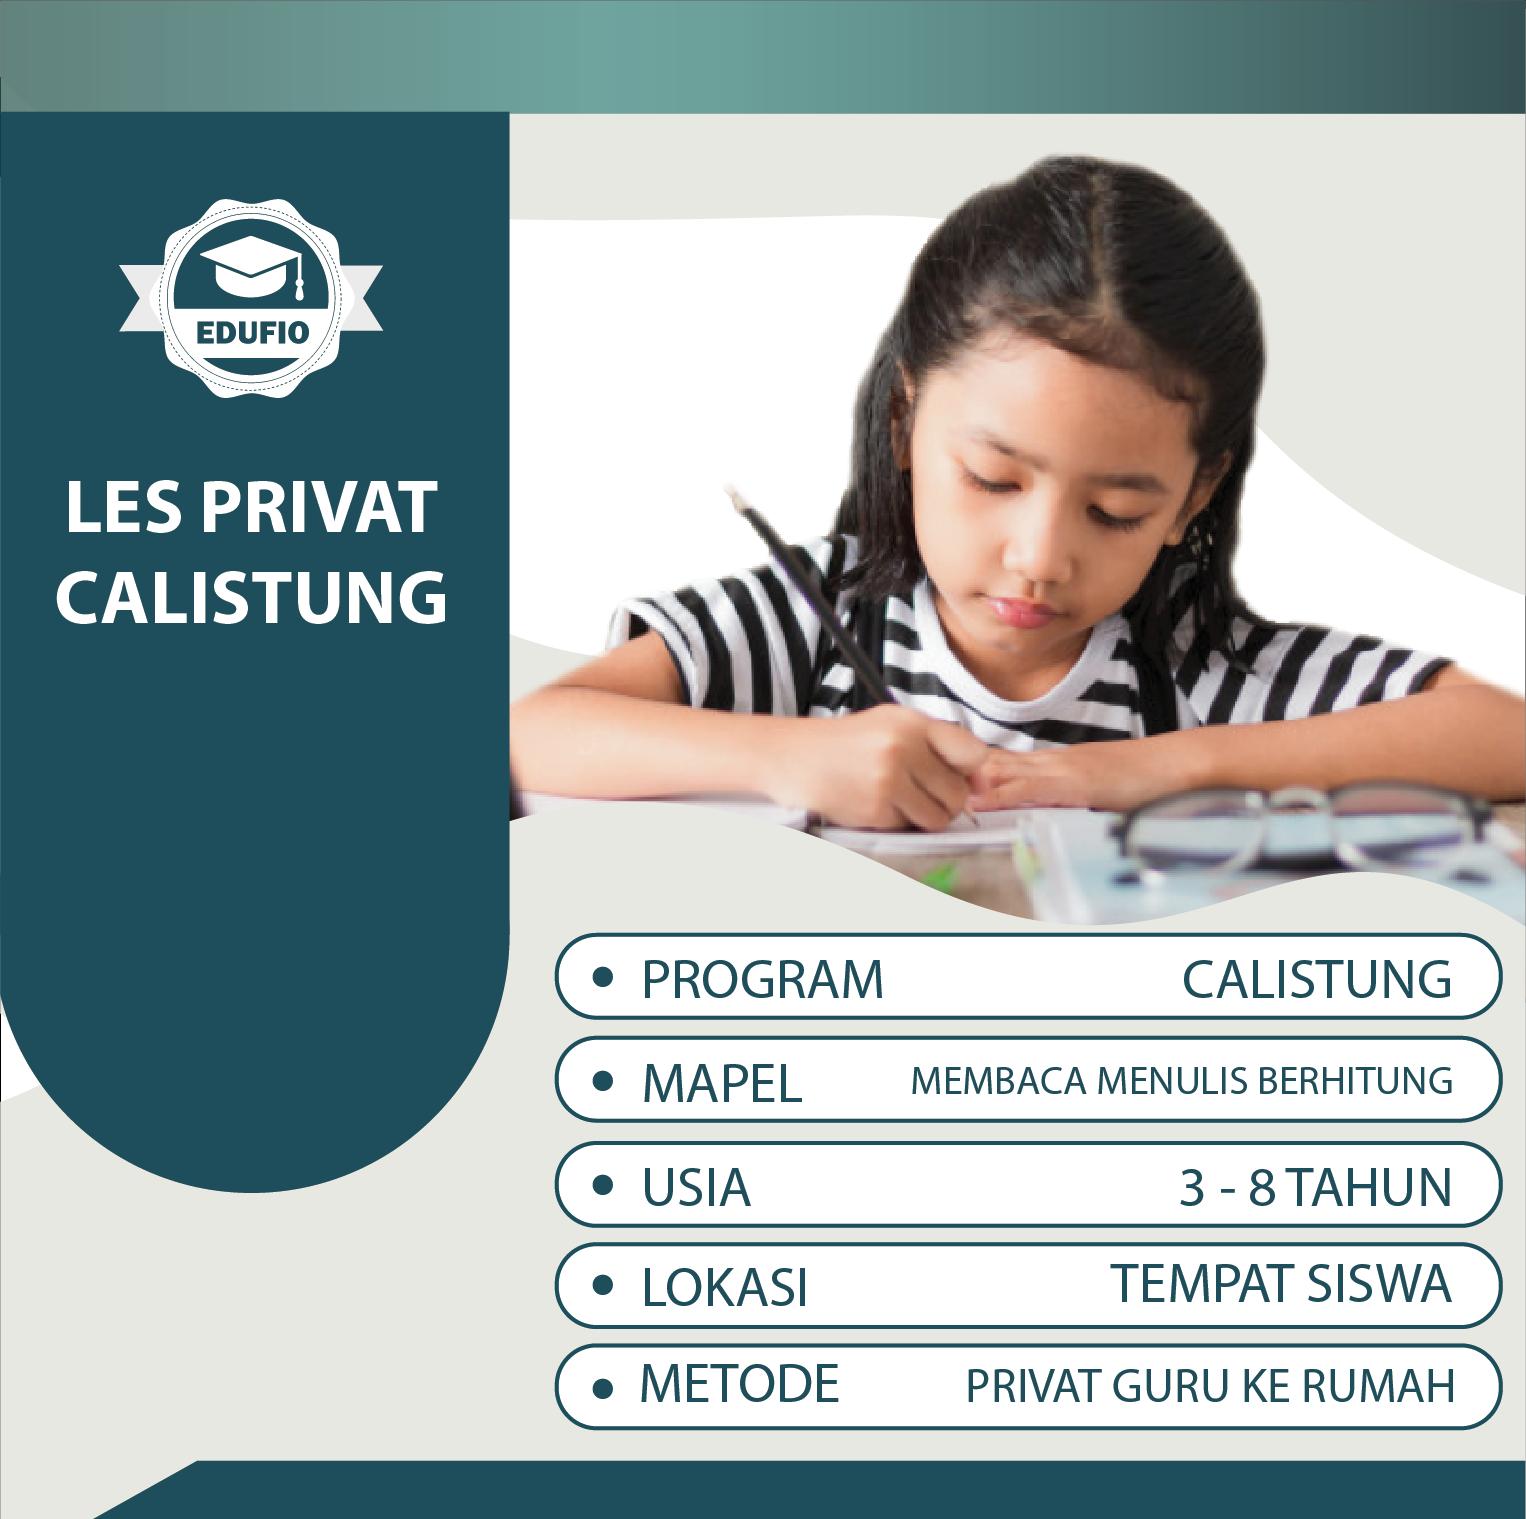 Program Les Privat Calistung Di Jogja Dengan Guru Datang Ke Rumah Daftar Online Di Edufio Com Daftar Atau Wa Kami Di 0877 8000 9249 L Guru Pendidikan Membaca